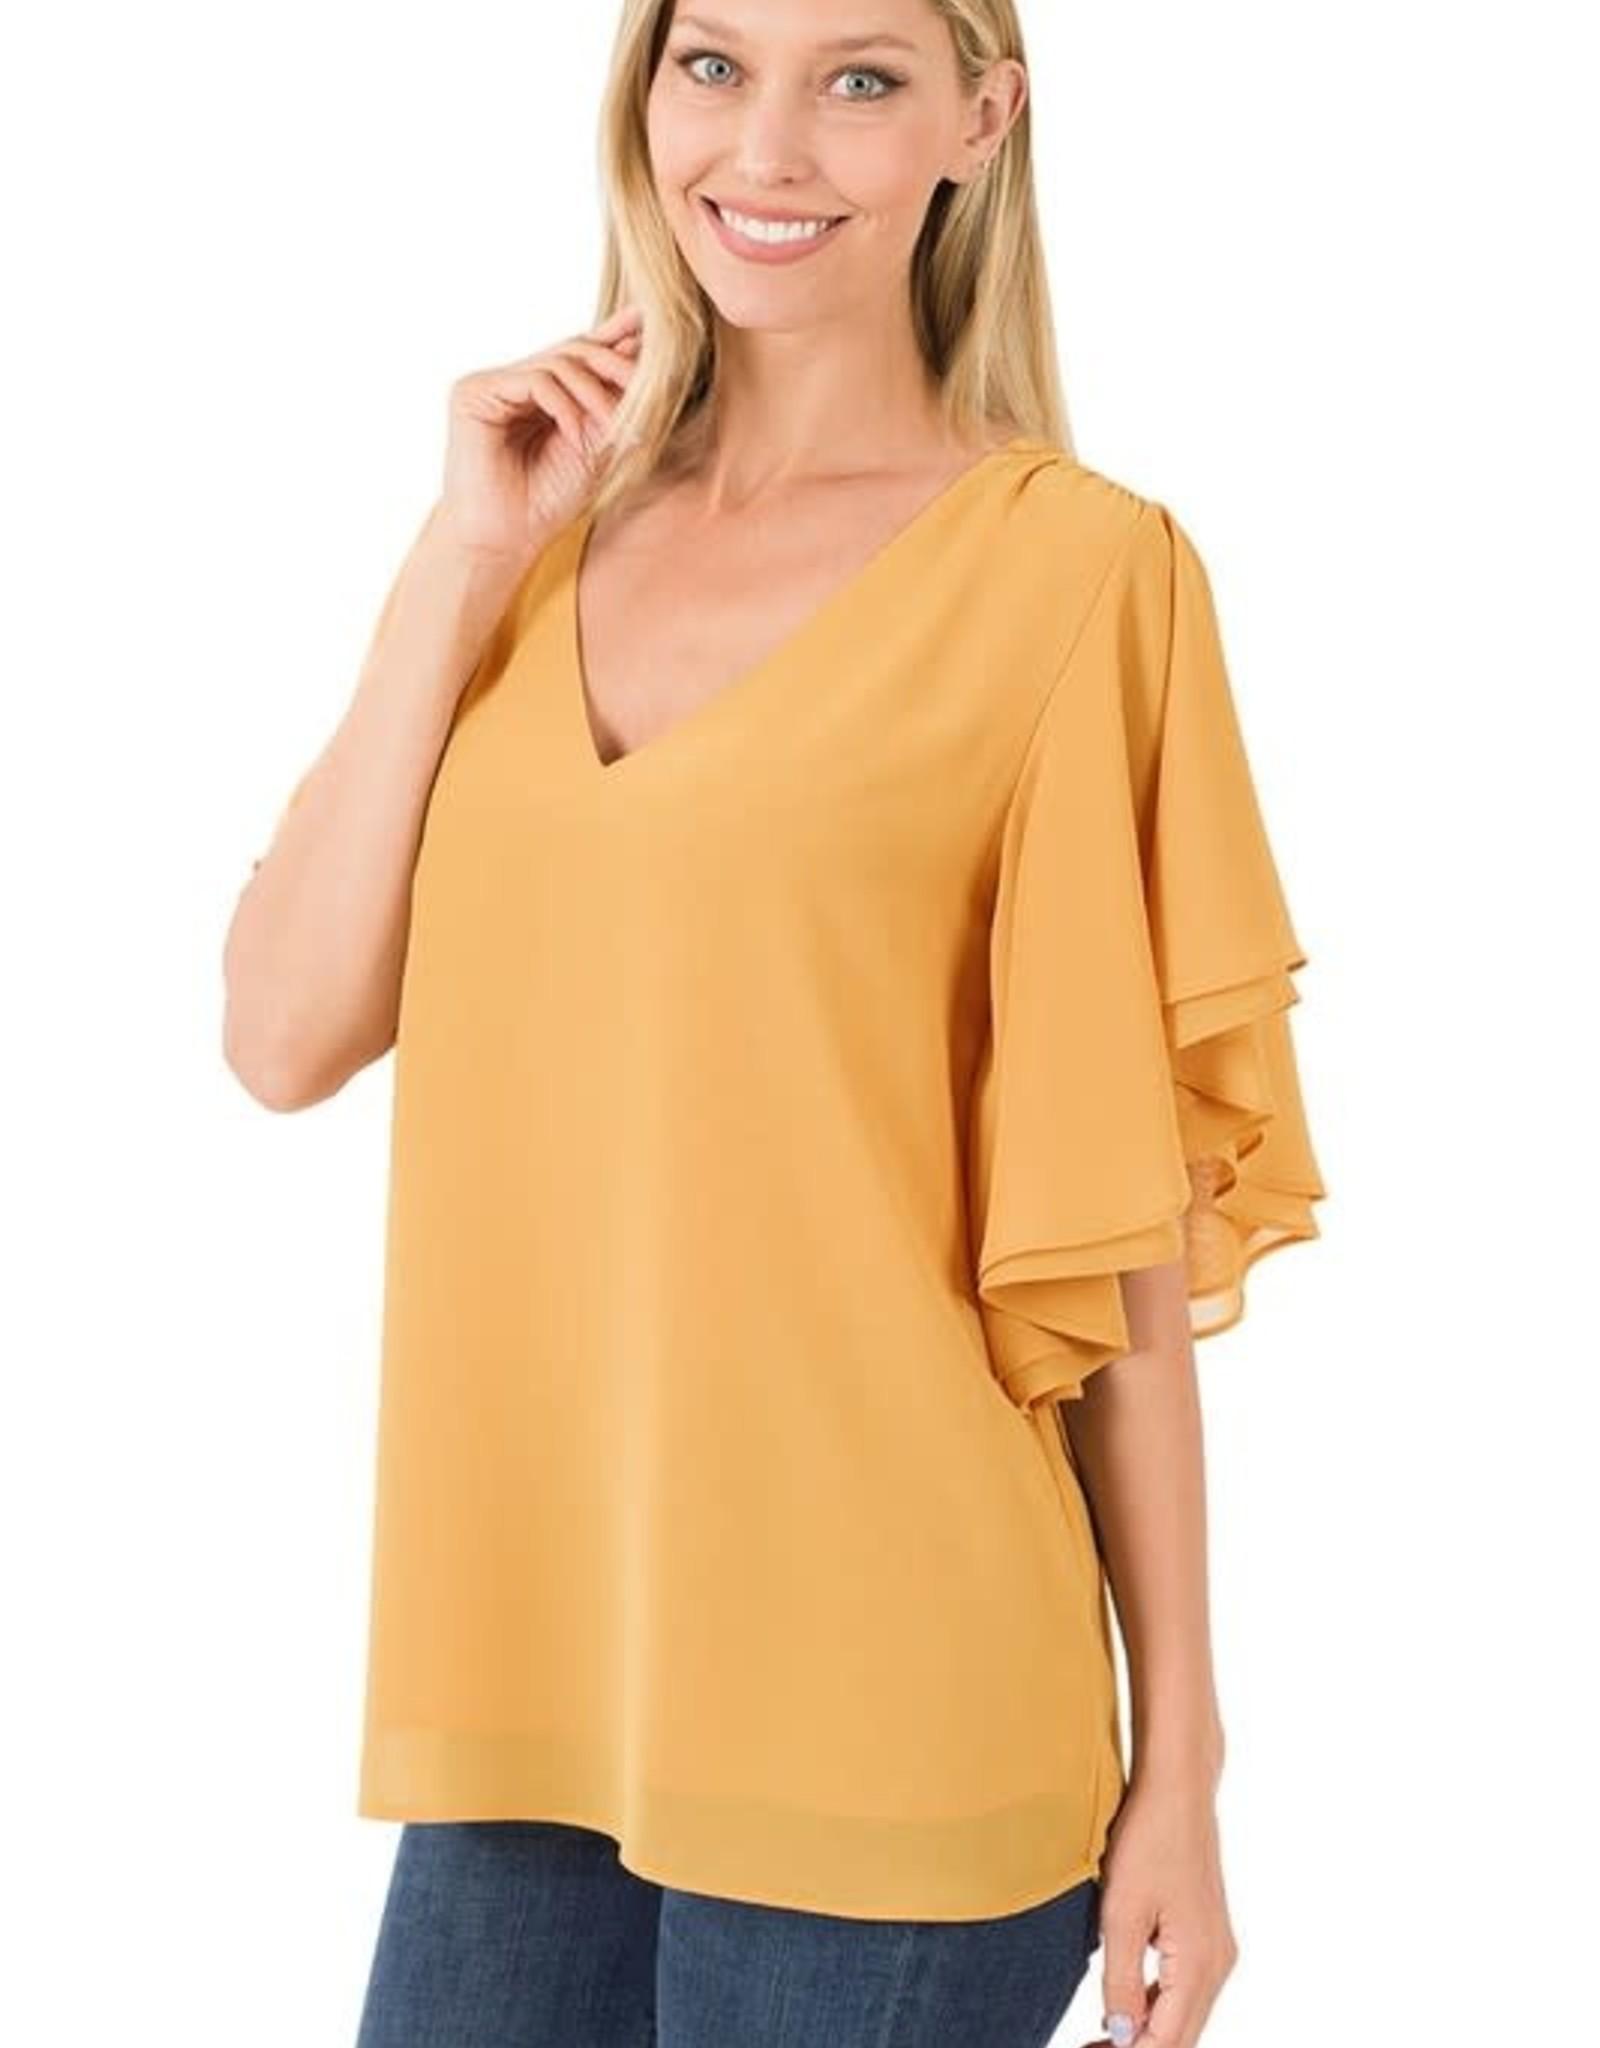 - Light Mustard Double Chiffon Top w/Flowy Sleeve